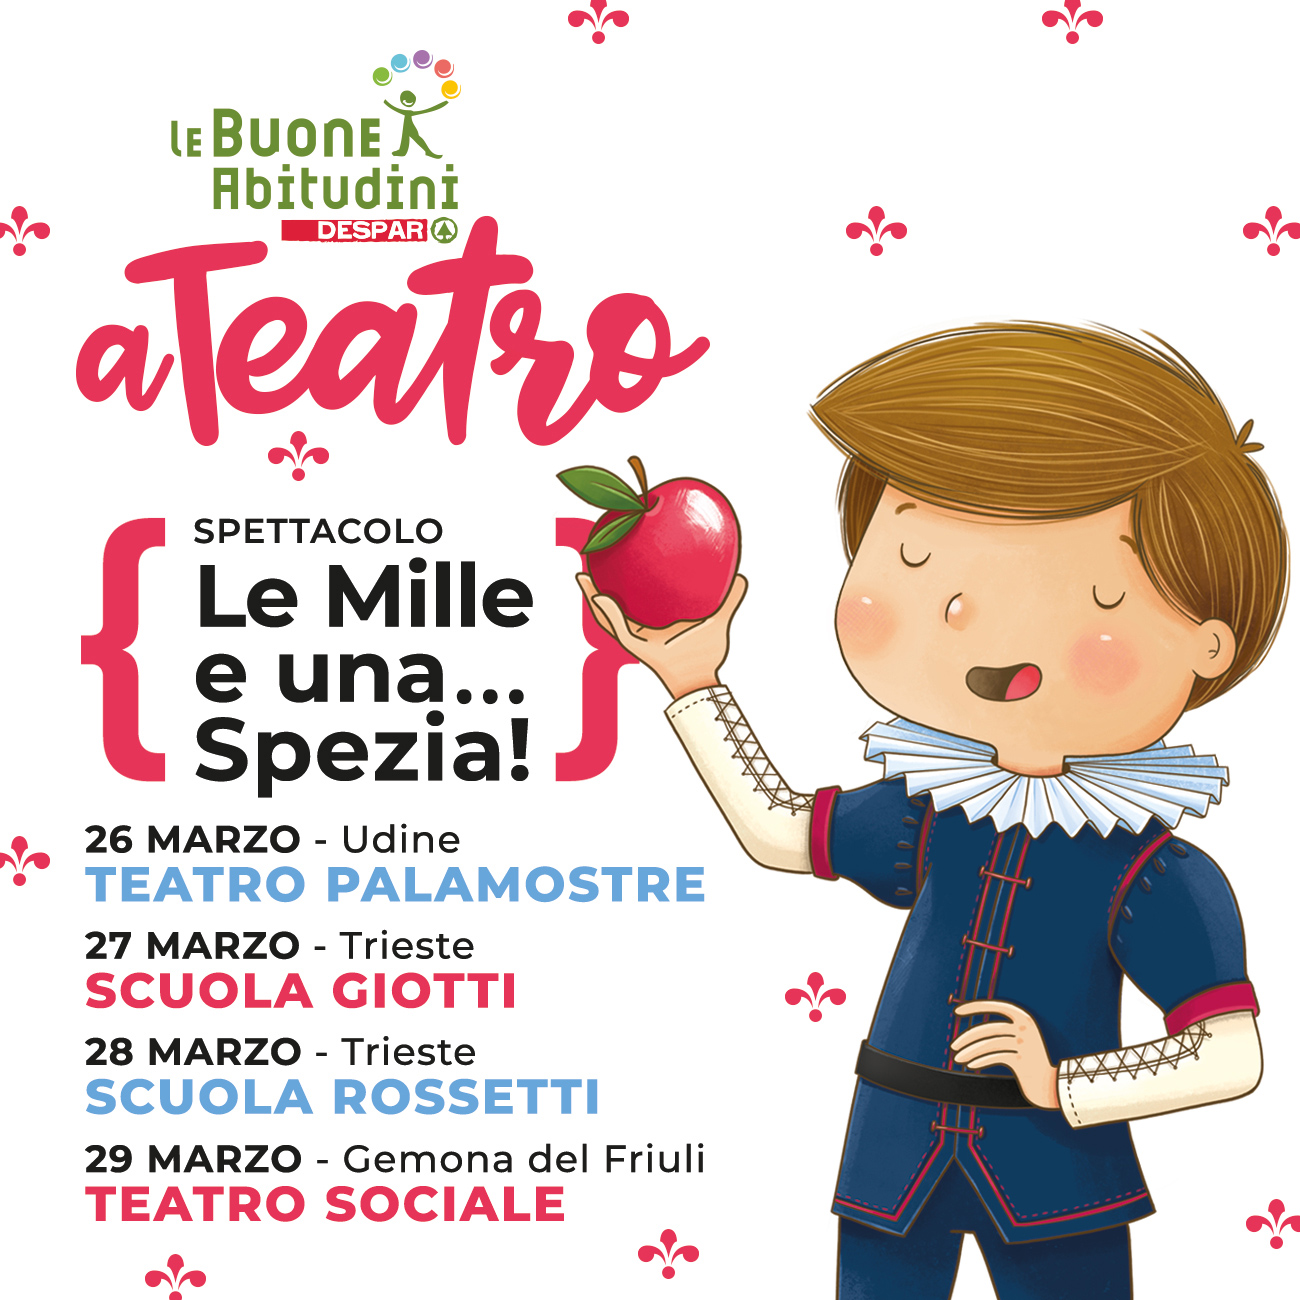 Le Buone Abitudini a Teatro: parte il Tour in Friuli-Venezia Giulia!